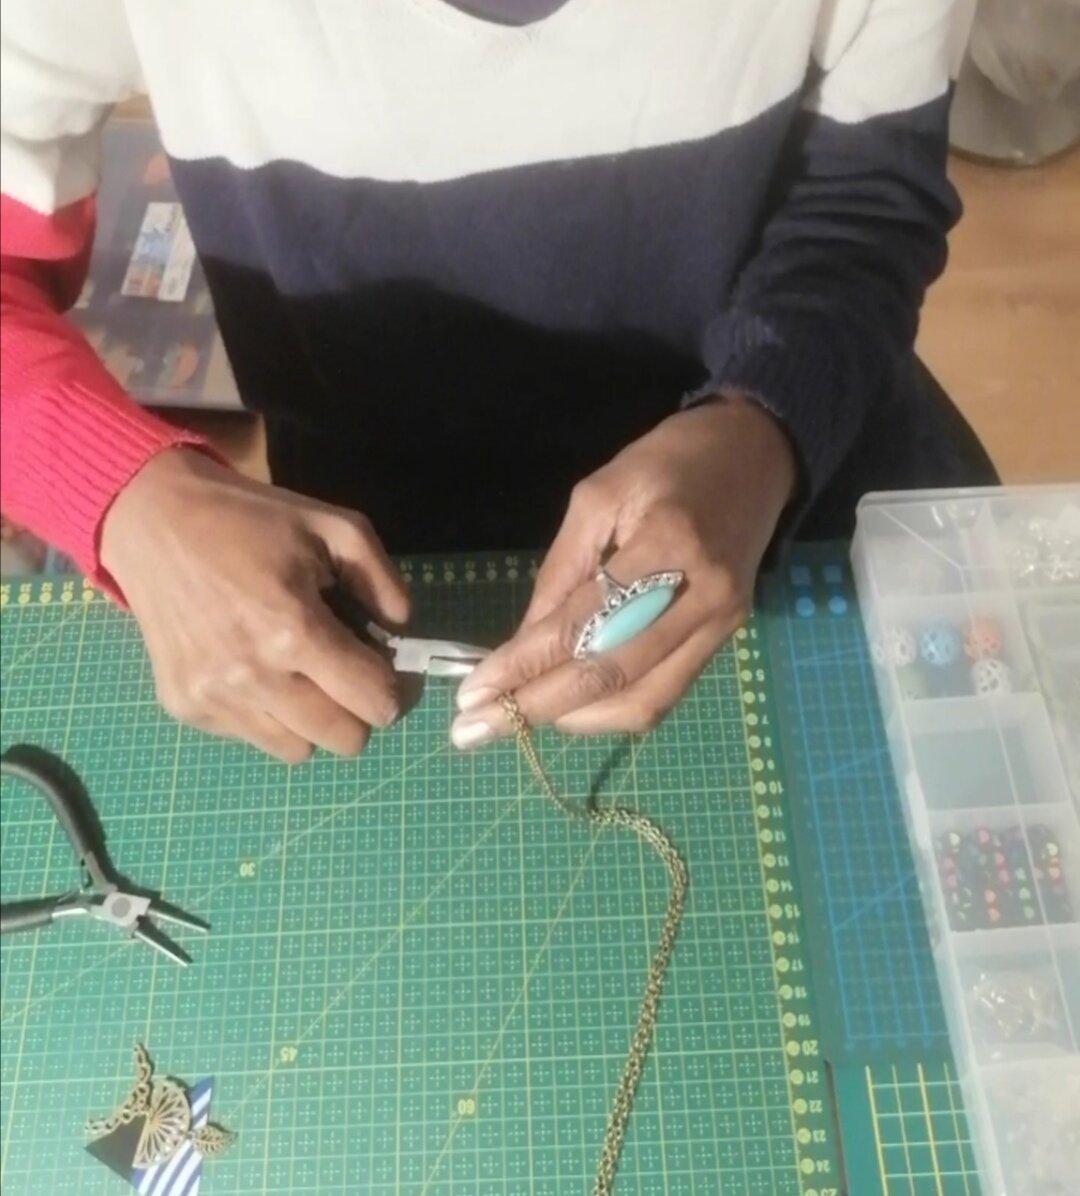 Bijoux de créatrice, faits à la main avec beaucoup d'amour! Entrez dans le monde chic et tendance des bijoux B-DeniseJewelry